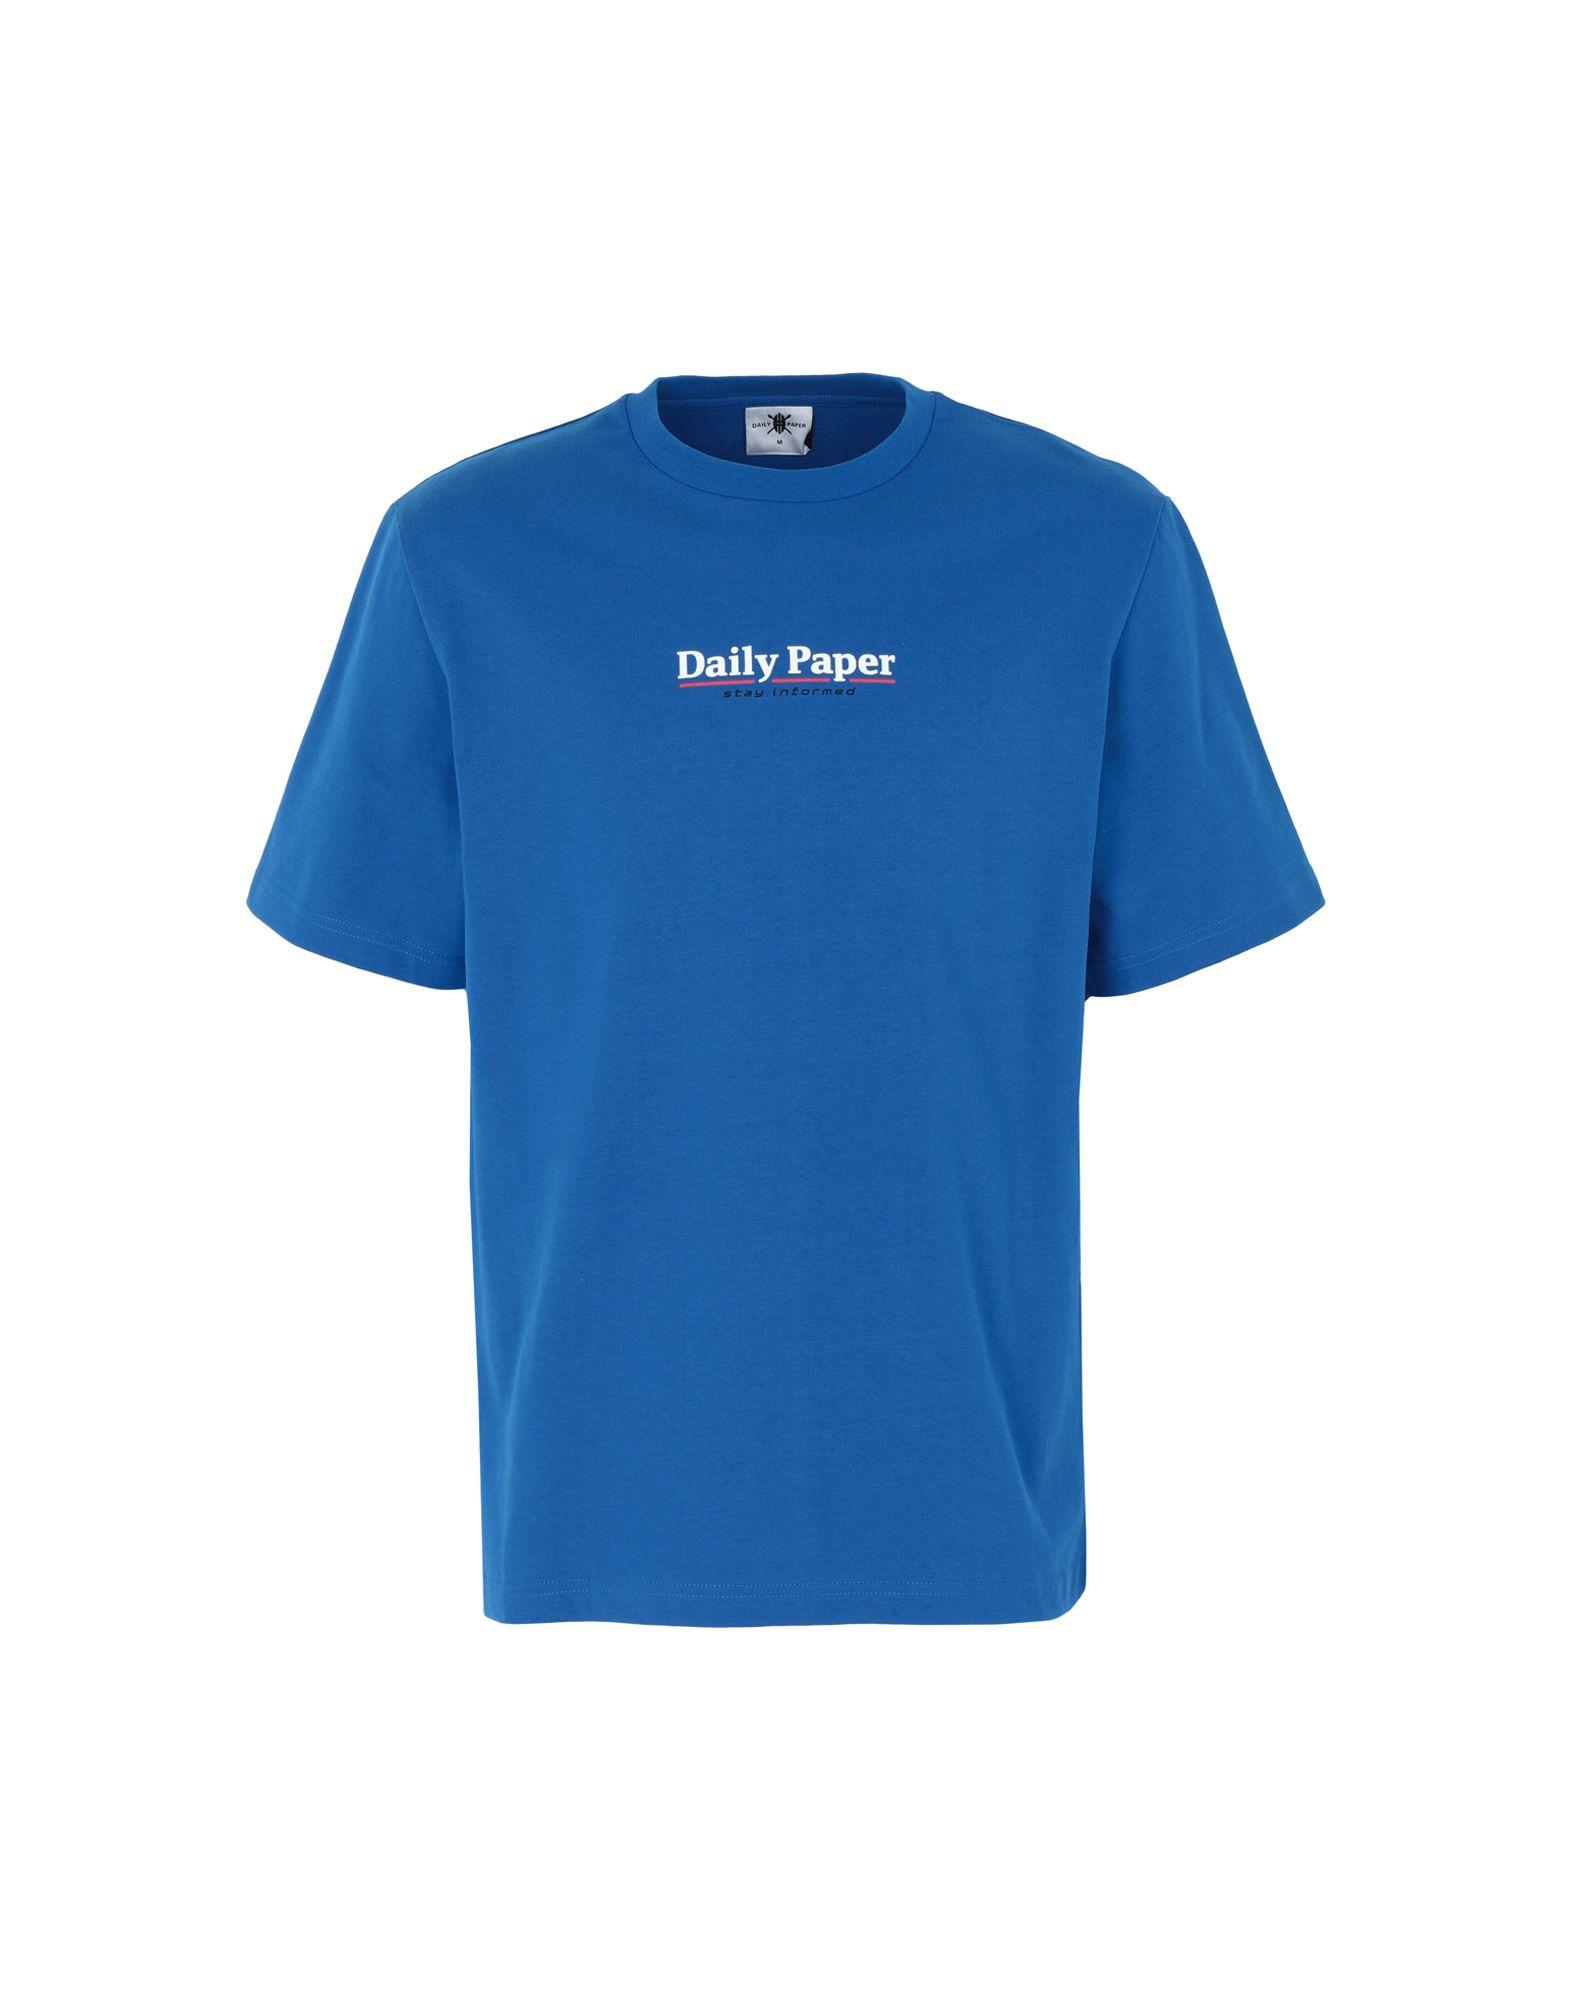 《期間限定セール中》DAILY PAPER メンズ T シャツ ブライトブルー S コットン 100% ESSENTIAL T-SHIRT